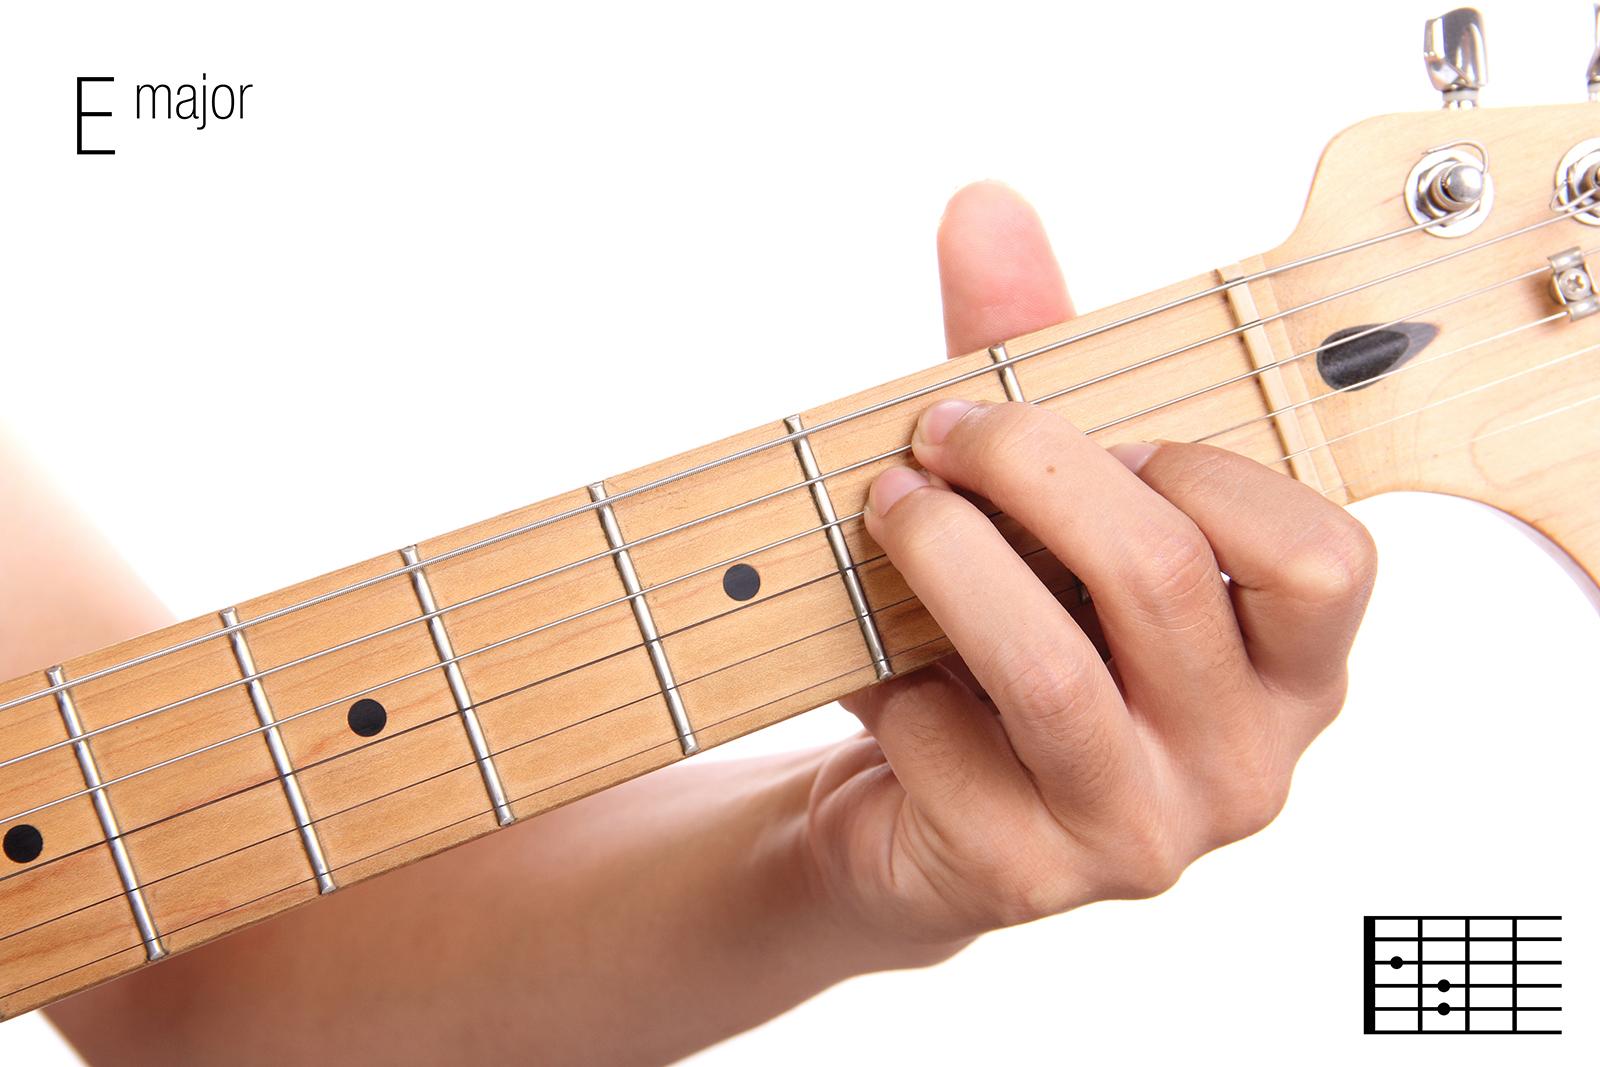 E Major - Guitar Chords For Beginners